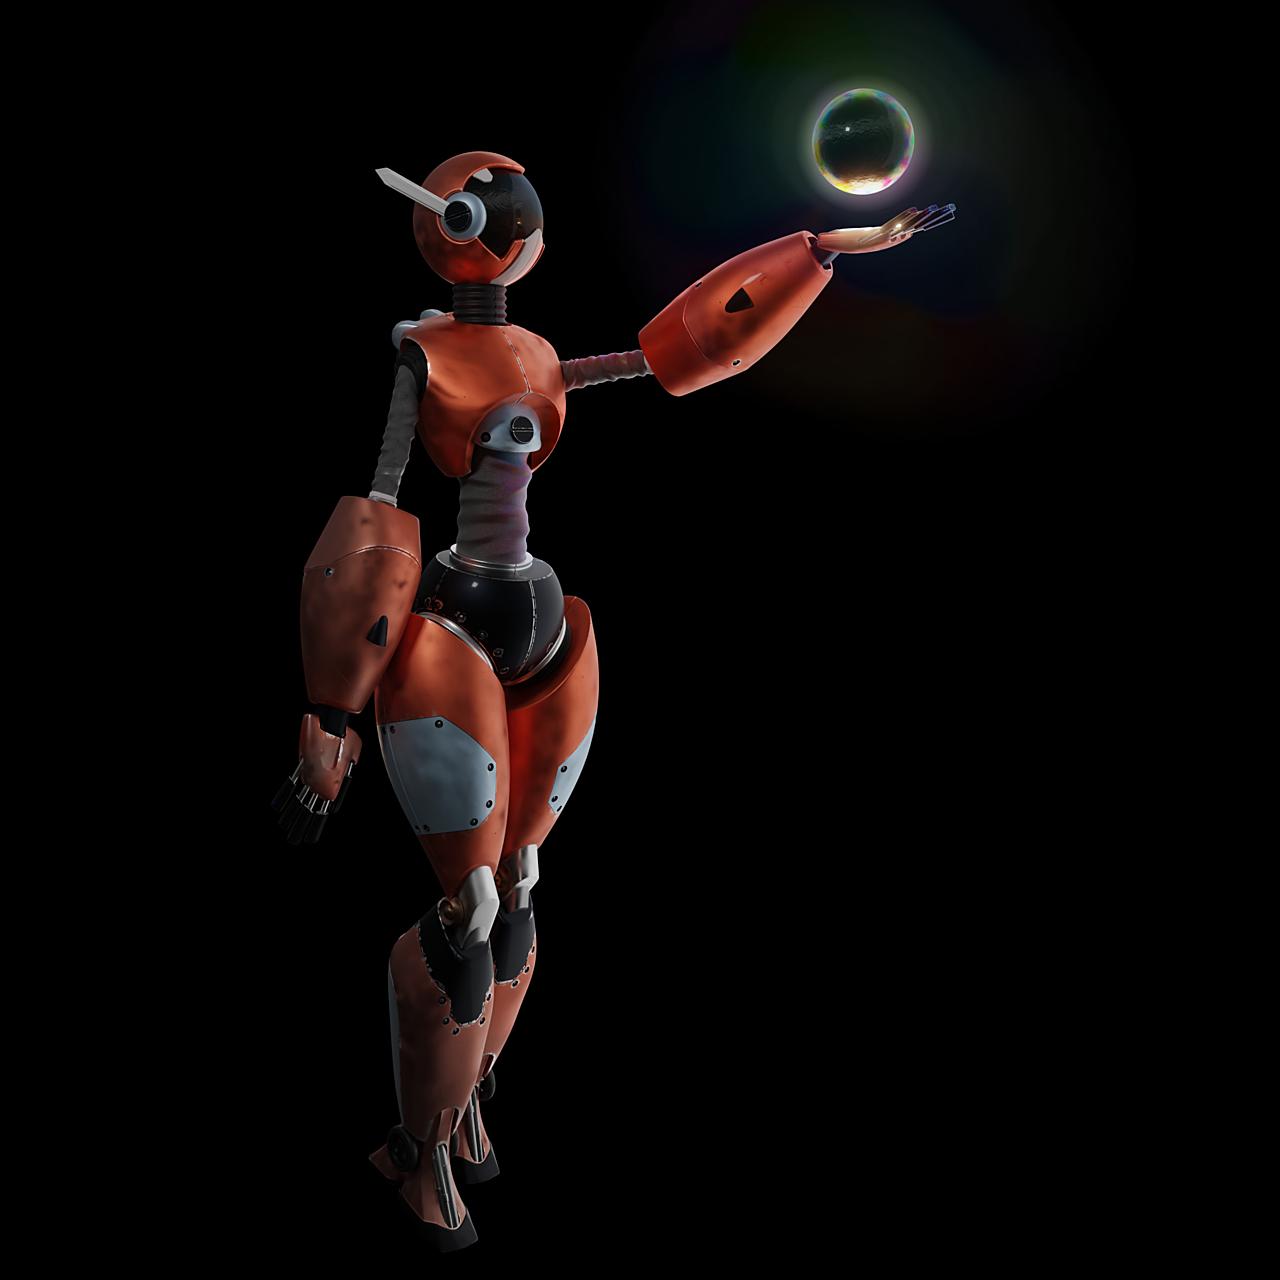 Floating Robot